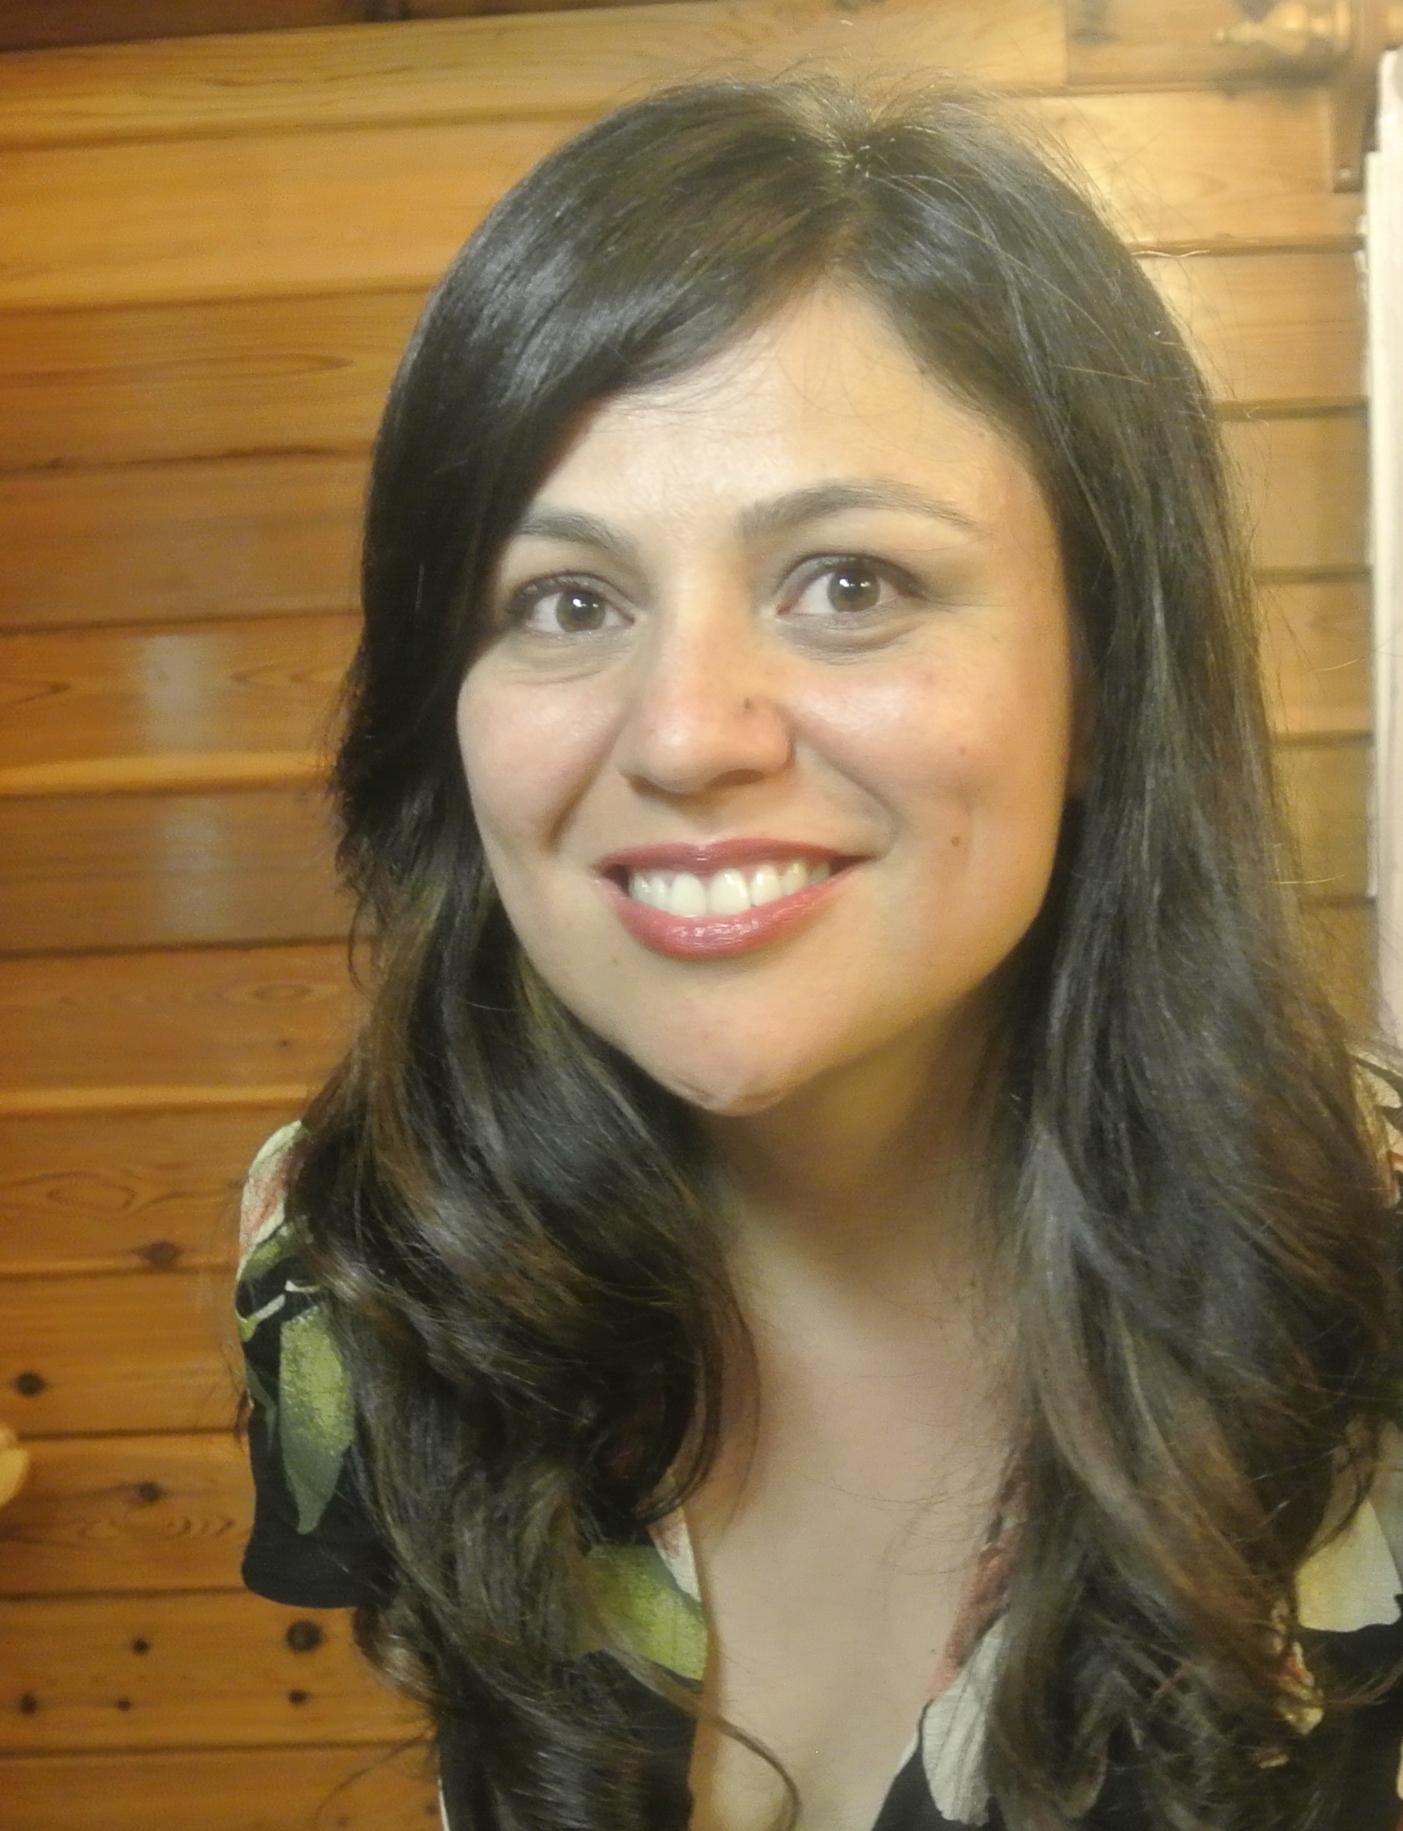 La réalisatrice Nathalie Lopez